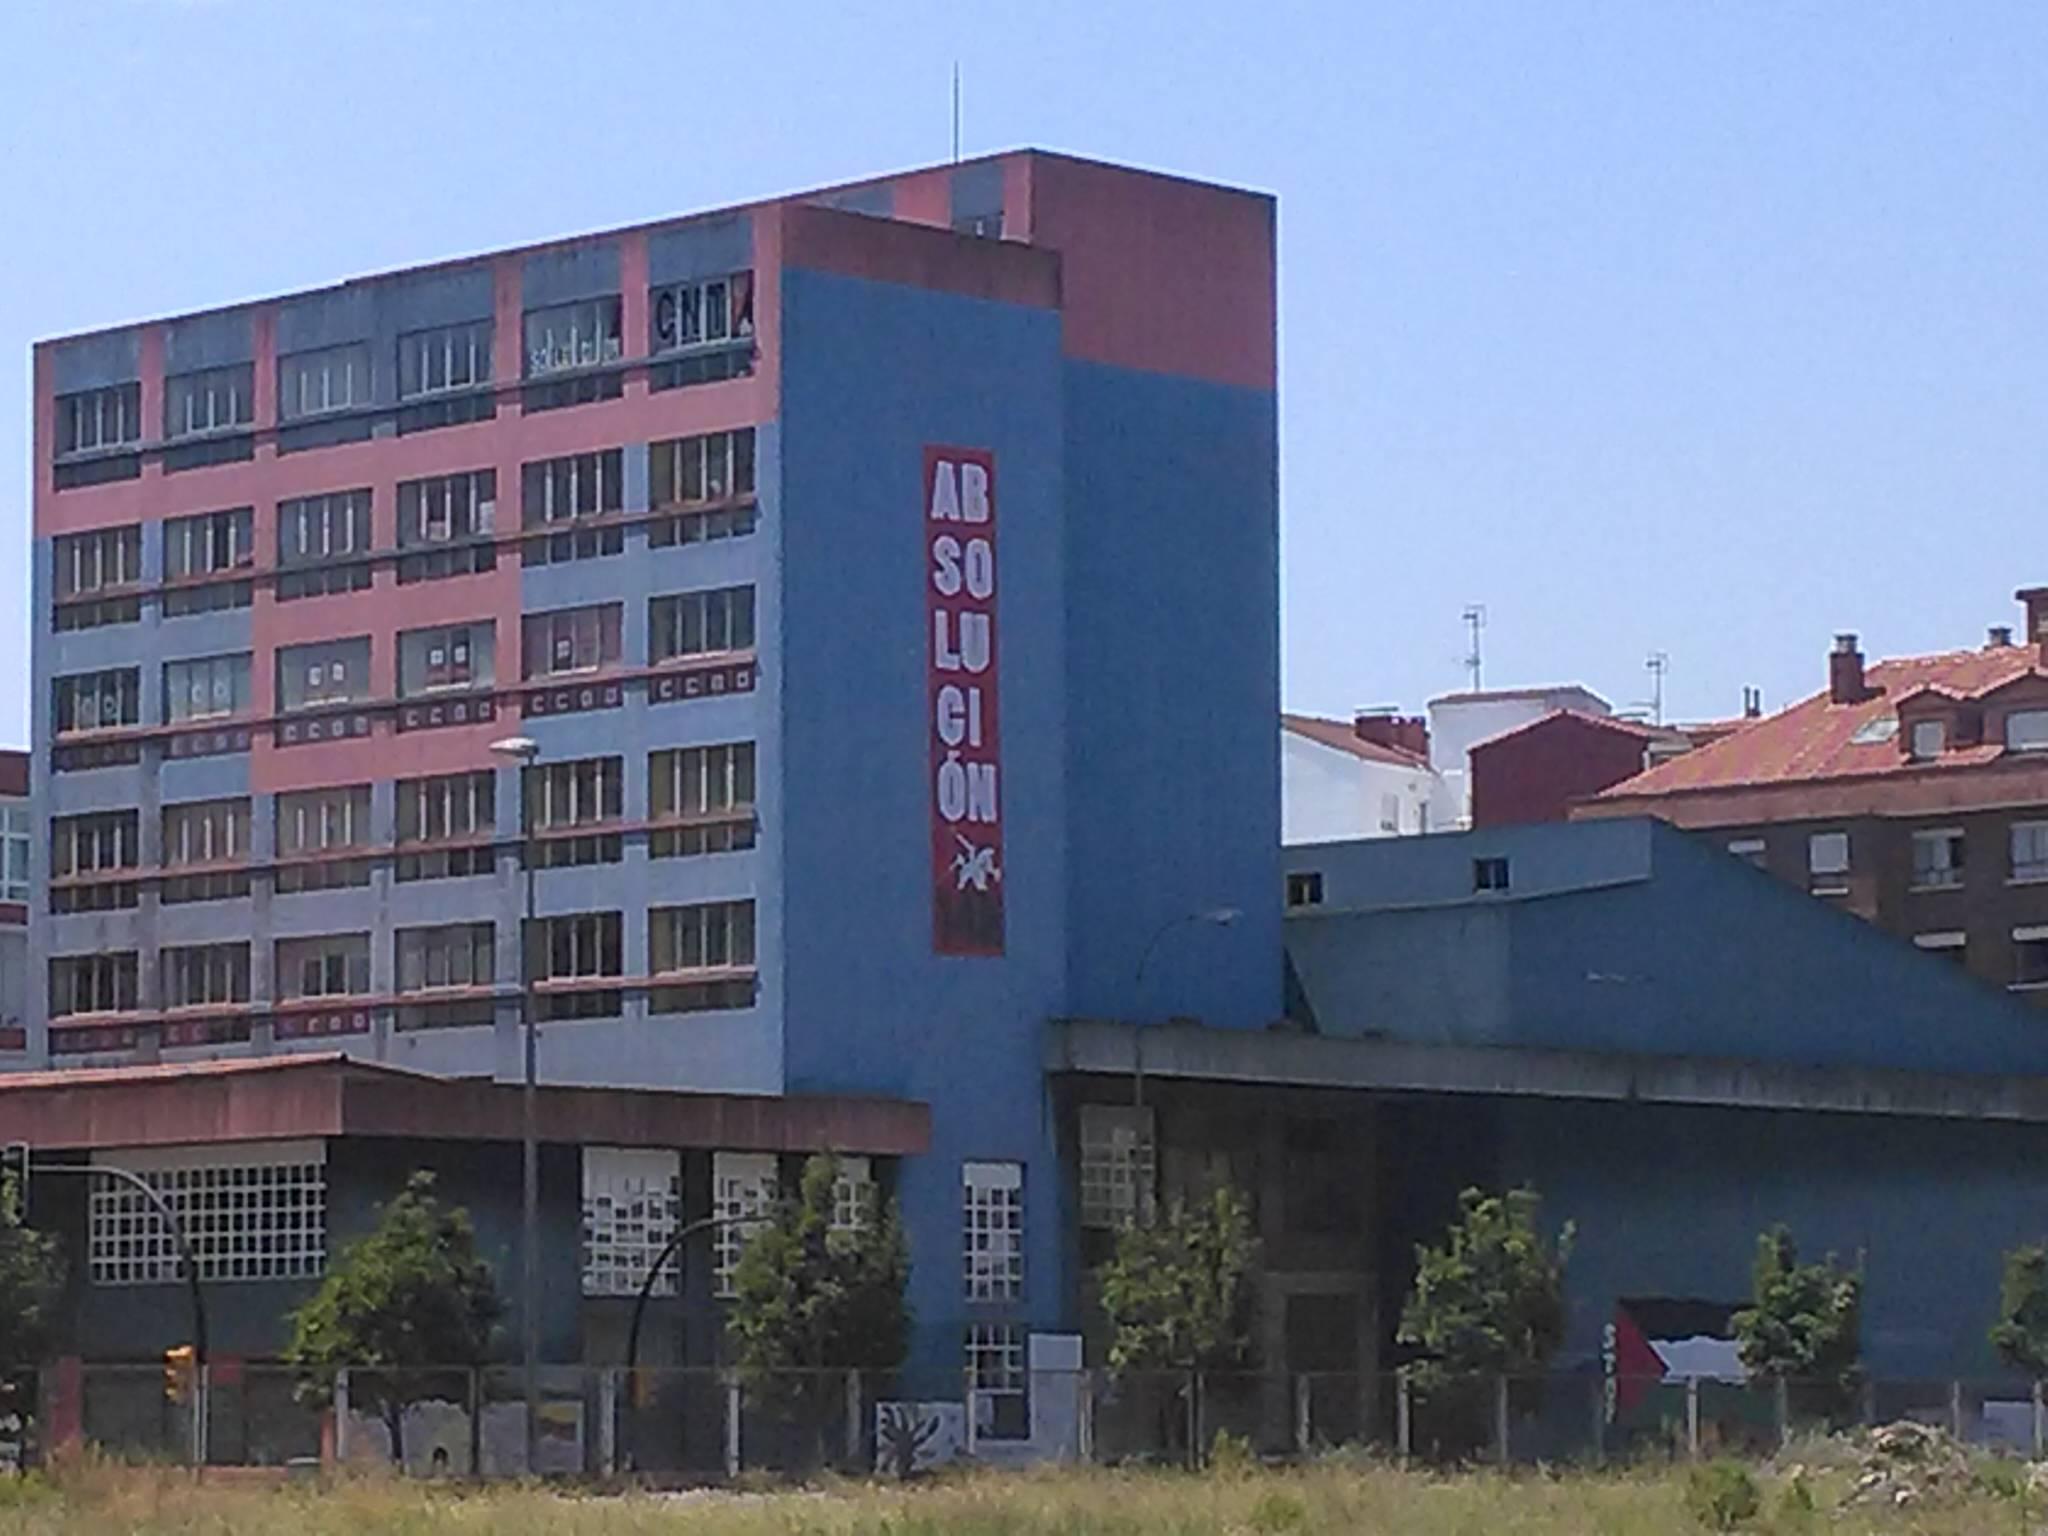 arton1908